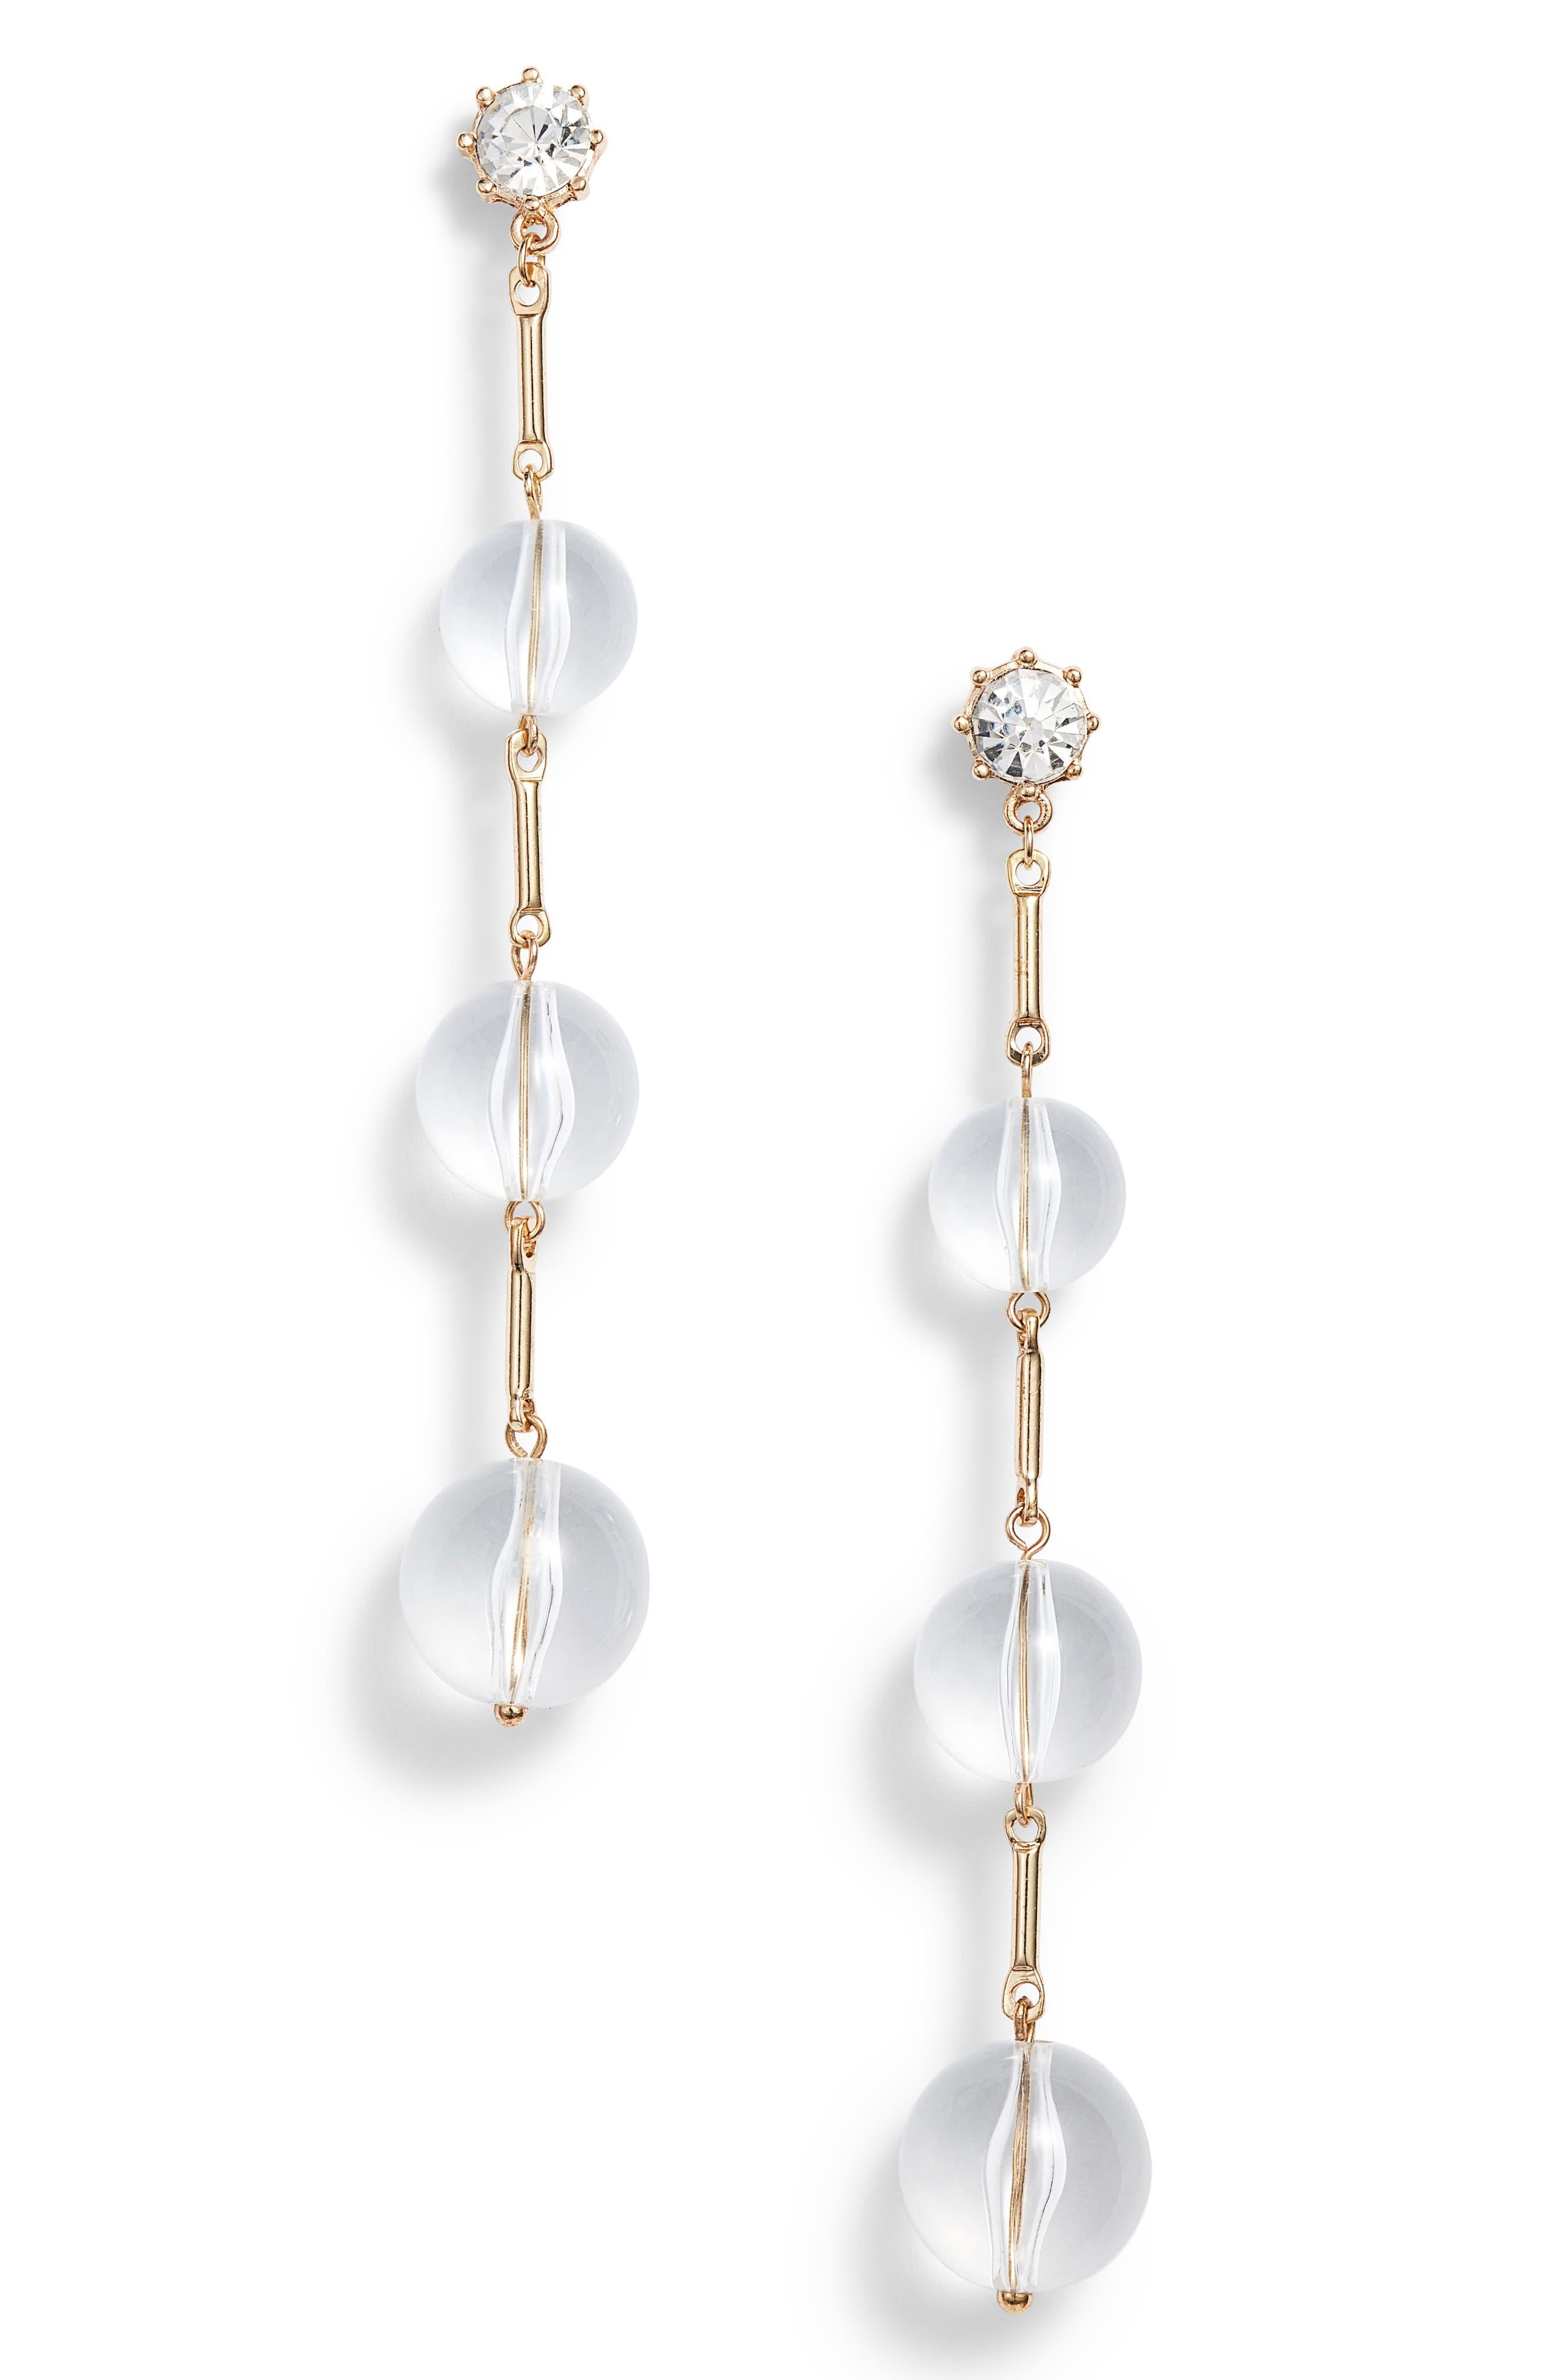 Clear Bead Drop Earrings,                             Main thumbnail 1, color,                             710